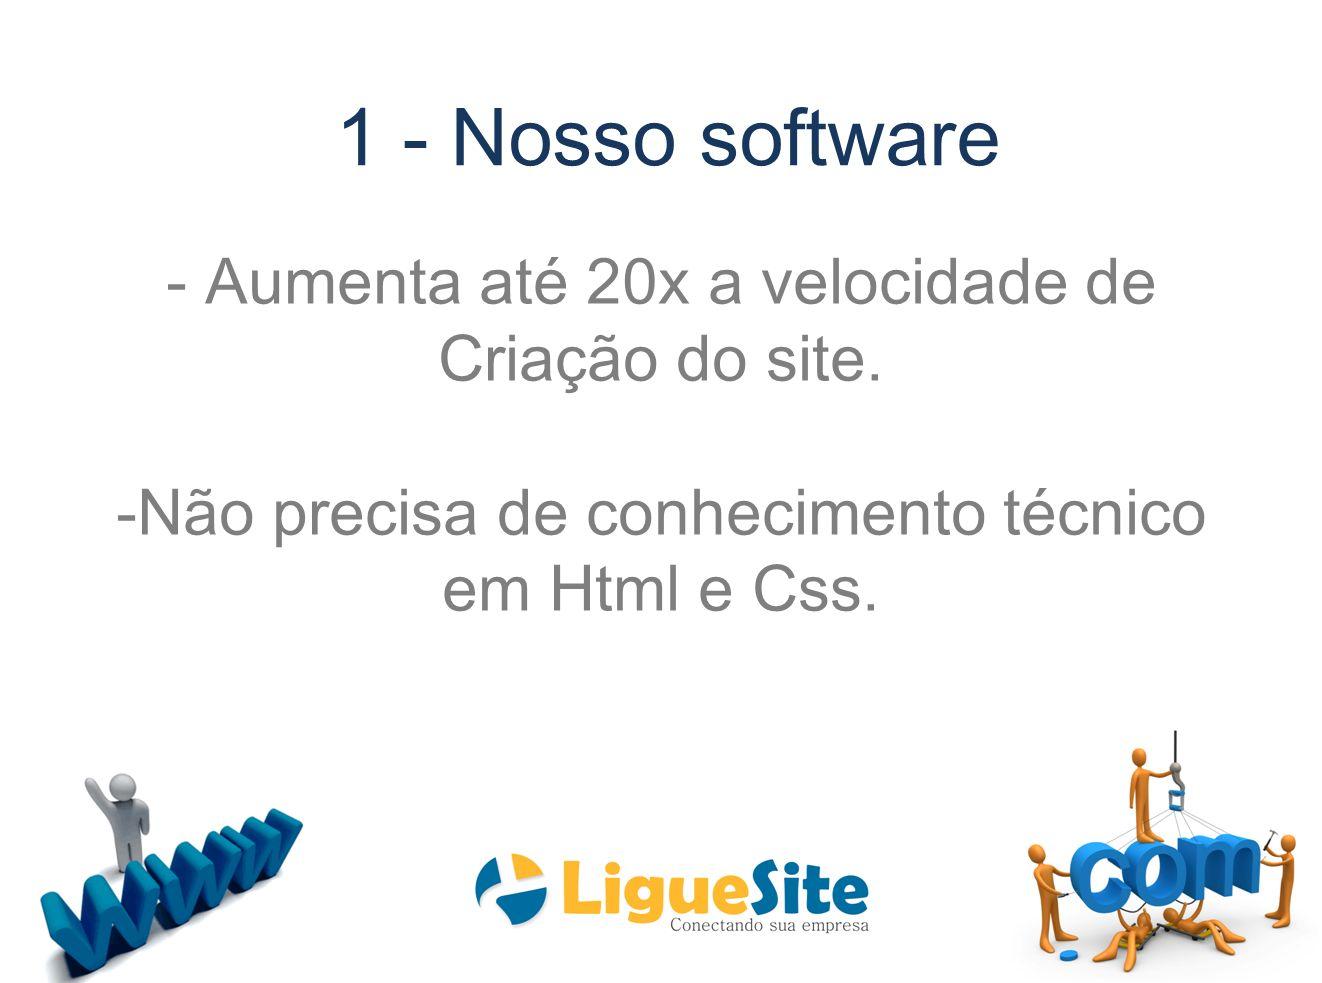 2 - Mix de produtos -Sites - Loja Virtual - Portal de imóveis - Hot sites – Chat – Google - Facebook - Envio de email - Logotipo - Criação - Hospedagem – Divulgação e Manutenção